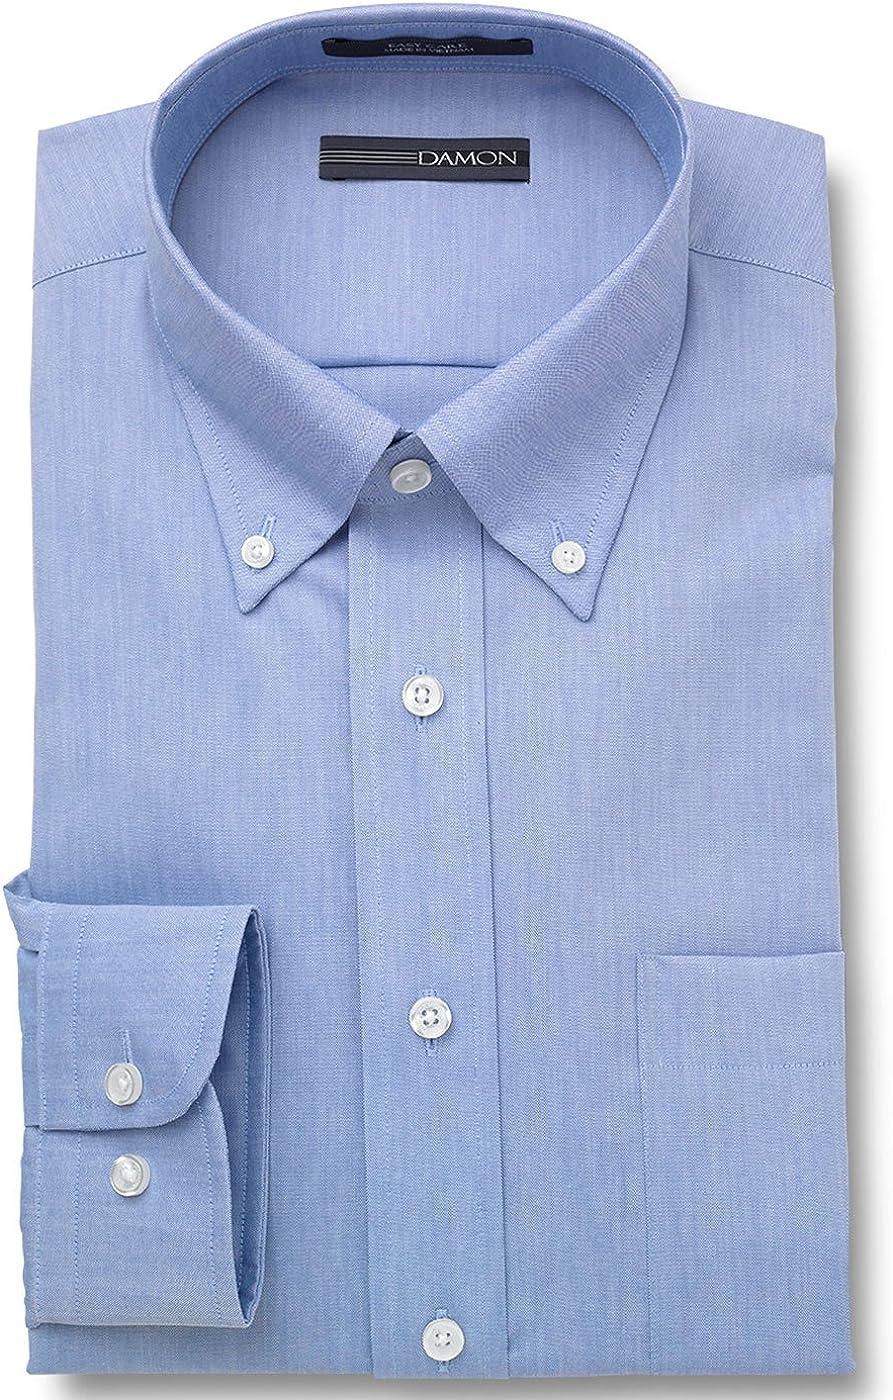 Damon Pinpoint Oxford Button Down Collar Dress Shirt (Light Blue, 15.5 32/33)